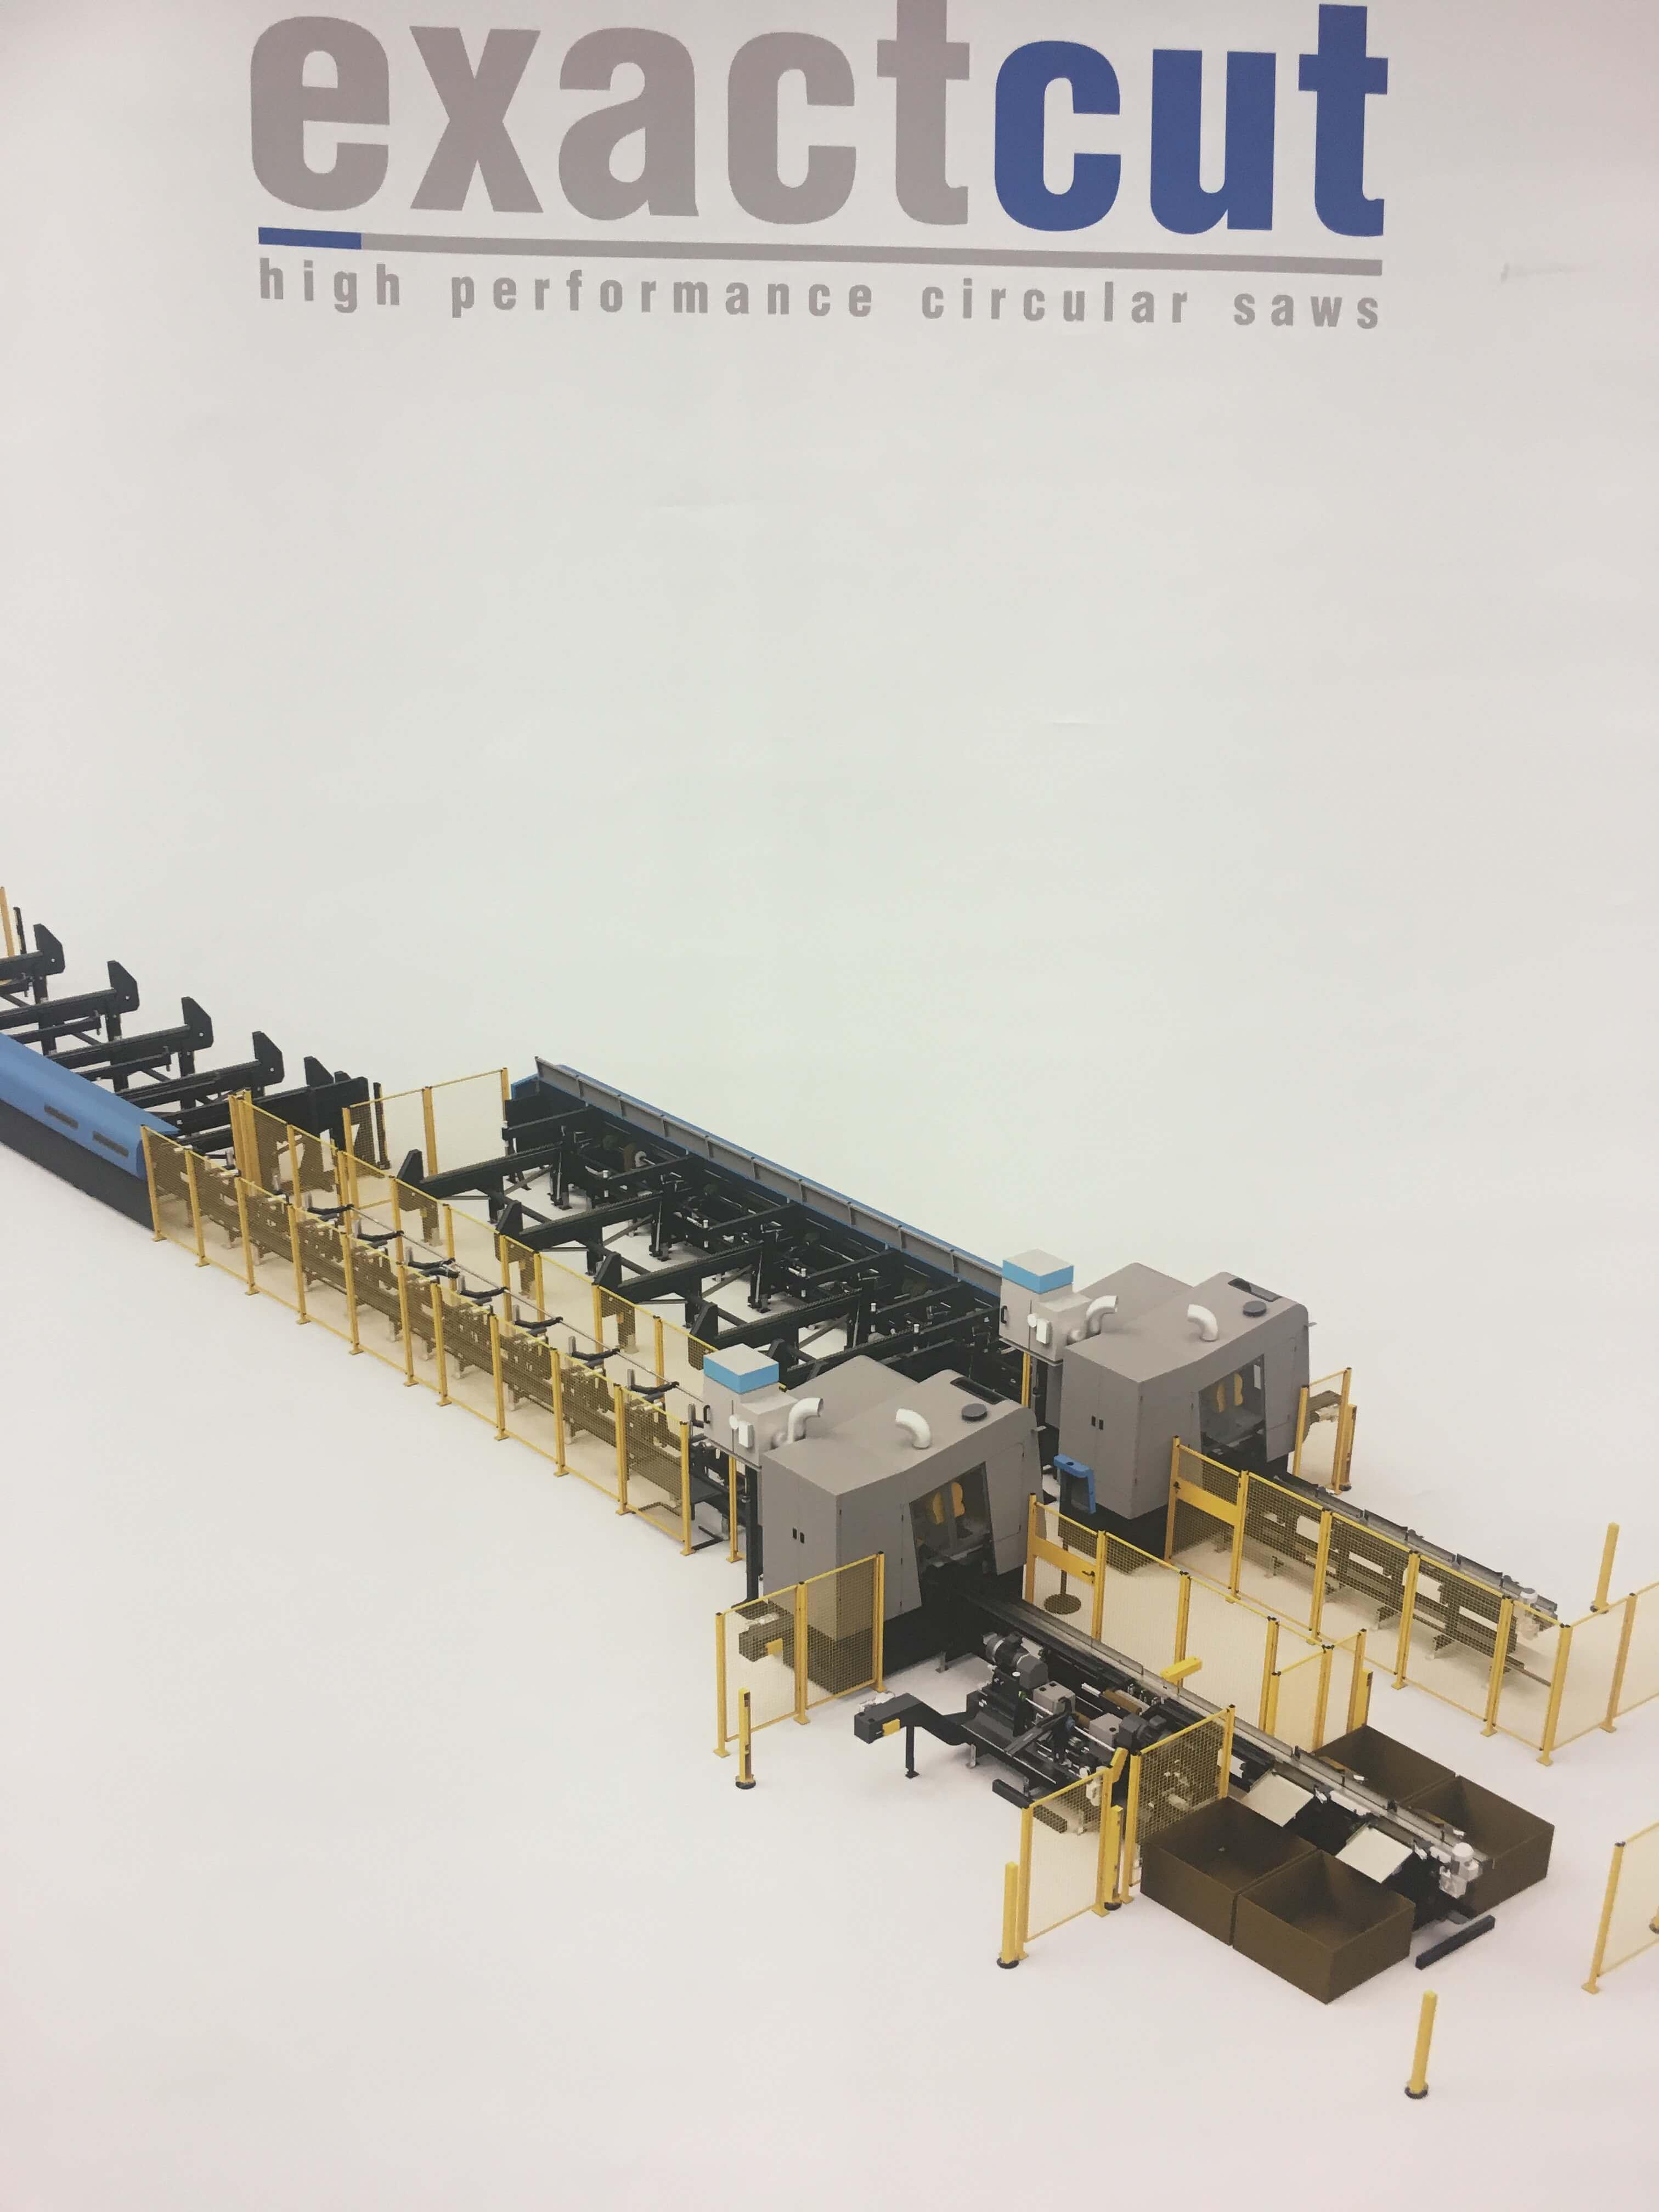 AR Filtrazioni   Filtrazione lubrorefiregerazione taglio sega circolare, nebbie oleose e fumi